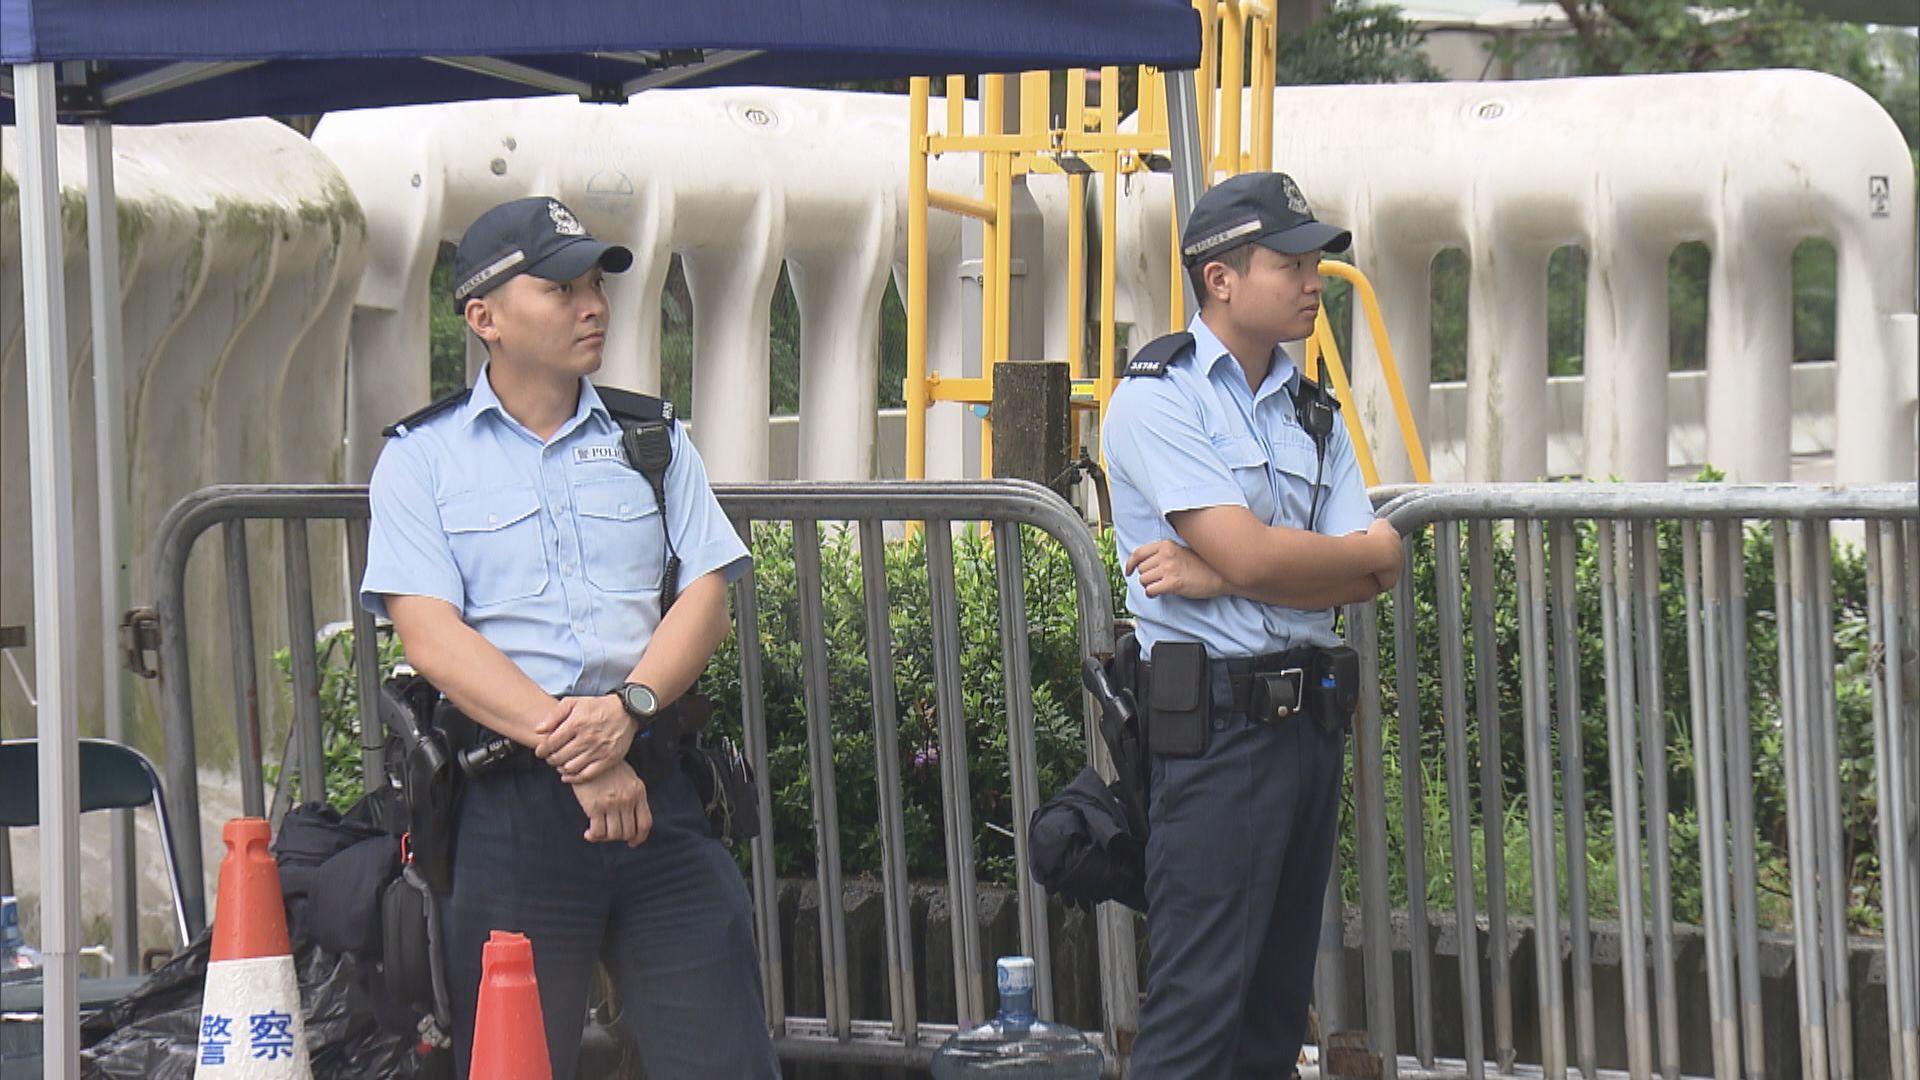 【831五周年】網民發起港島區不同活動 中聯辦政總保安嚴密